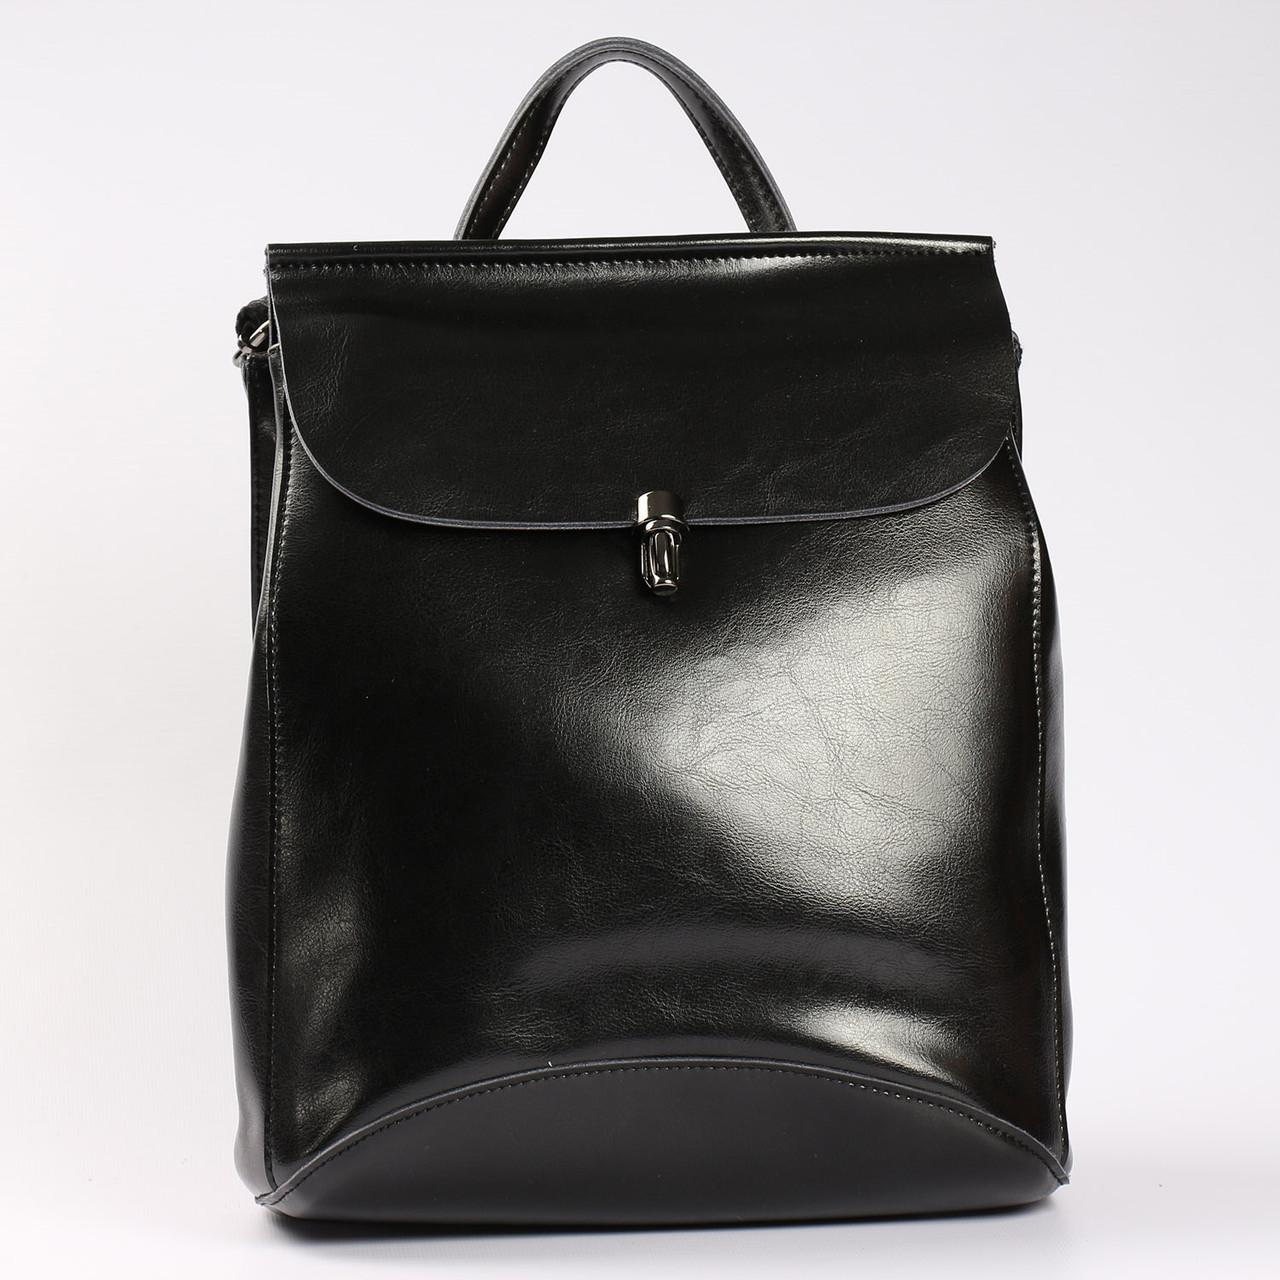 36effef43c3e Молодежный кожаный рюкзак-сумка(трансформер) черного цвета